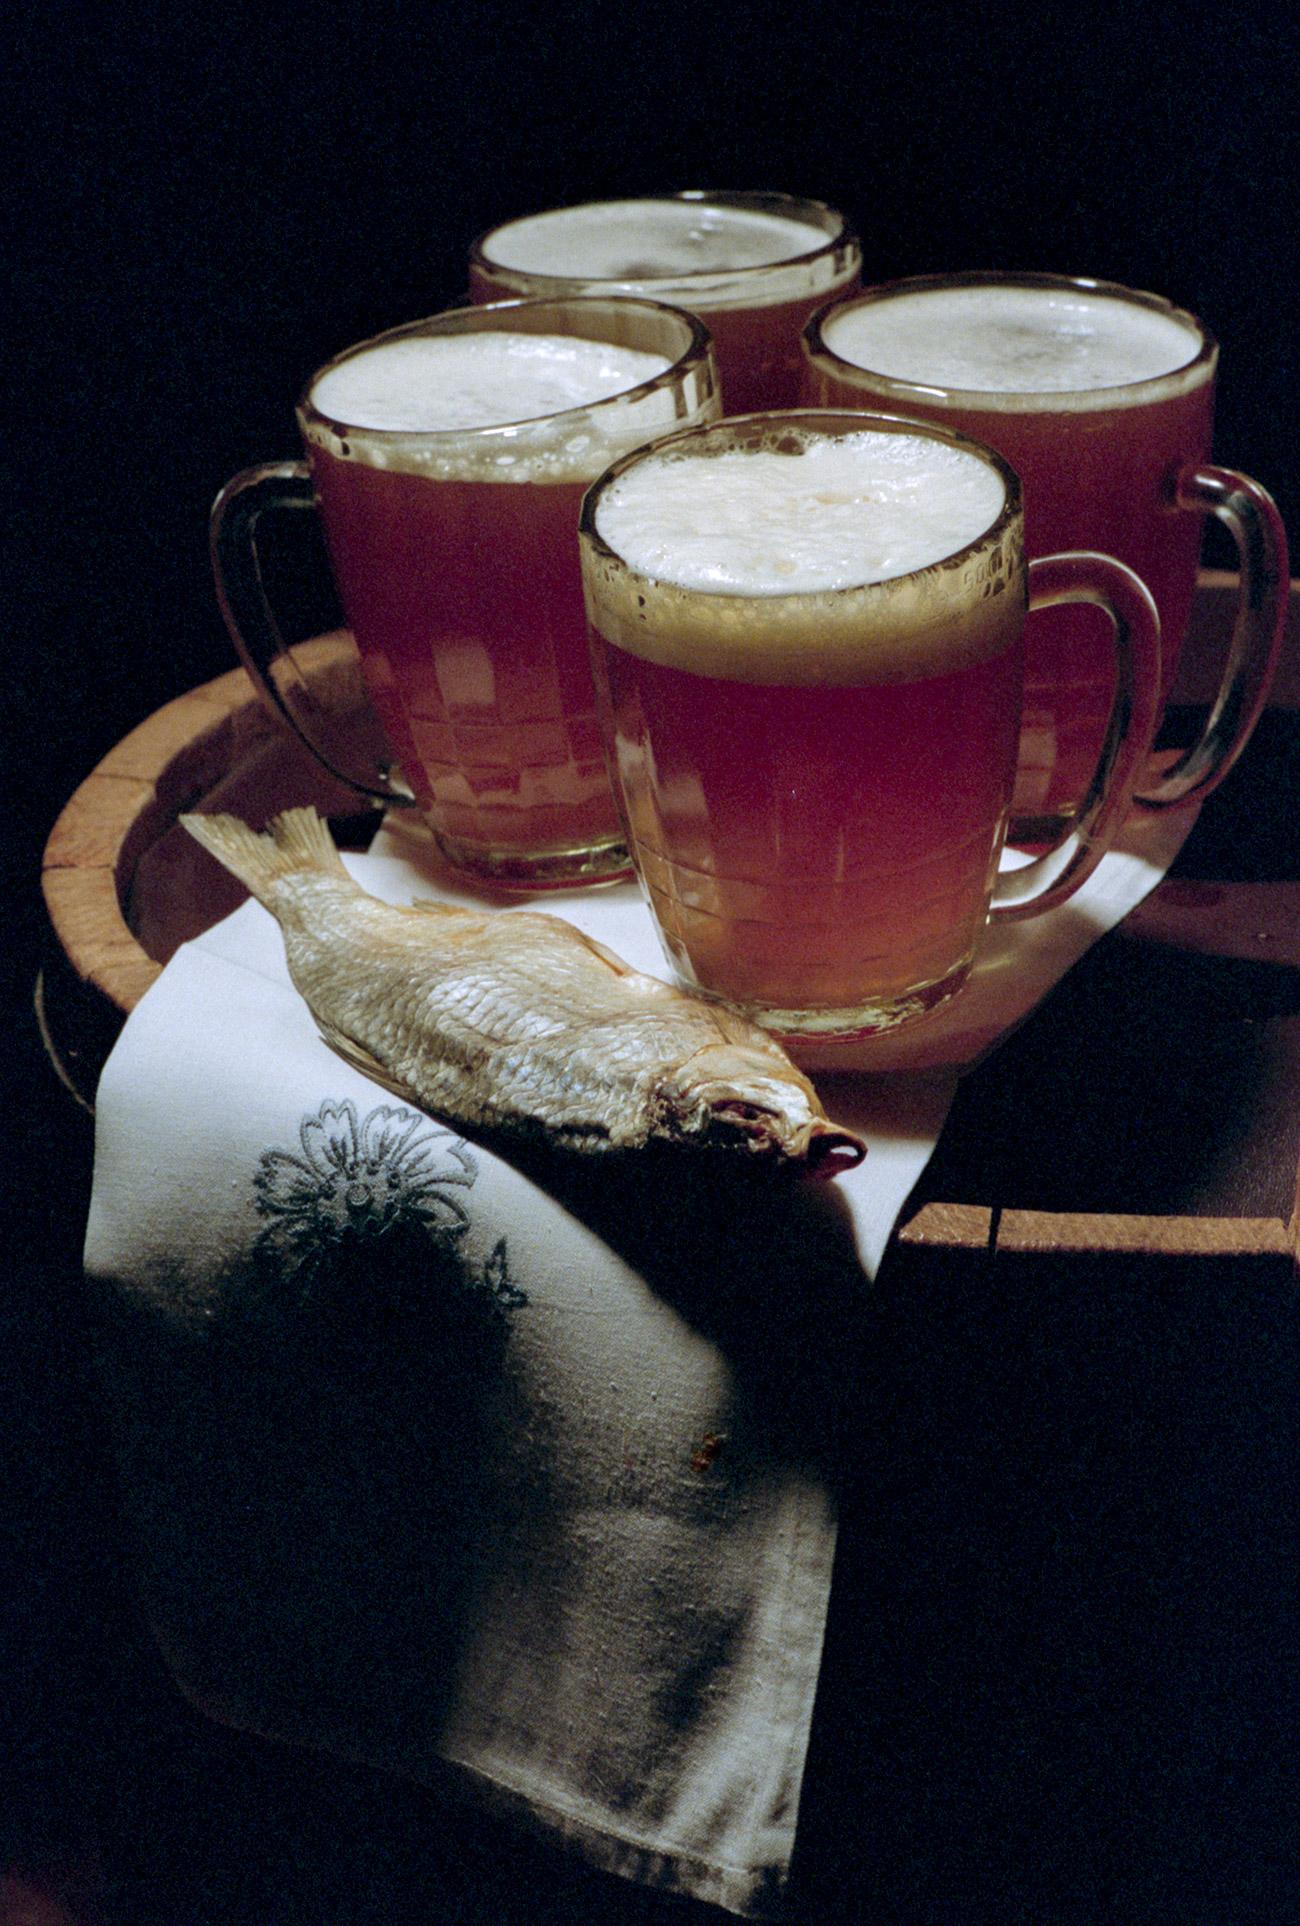 ソ連には実質的にはそんなにたくさんの銘柄はなかったが、ビールは新鮮で、有効期限は短かった。そのため、どの都市でも、すぐそばの工場で造られたビールだけが販売された。こういう状況は当然、品薄を引き起こした。